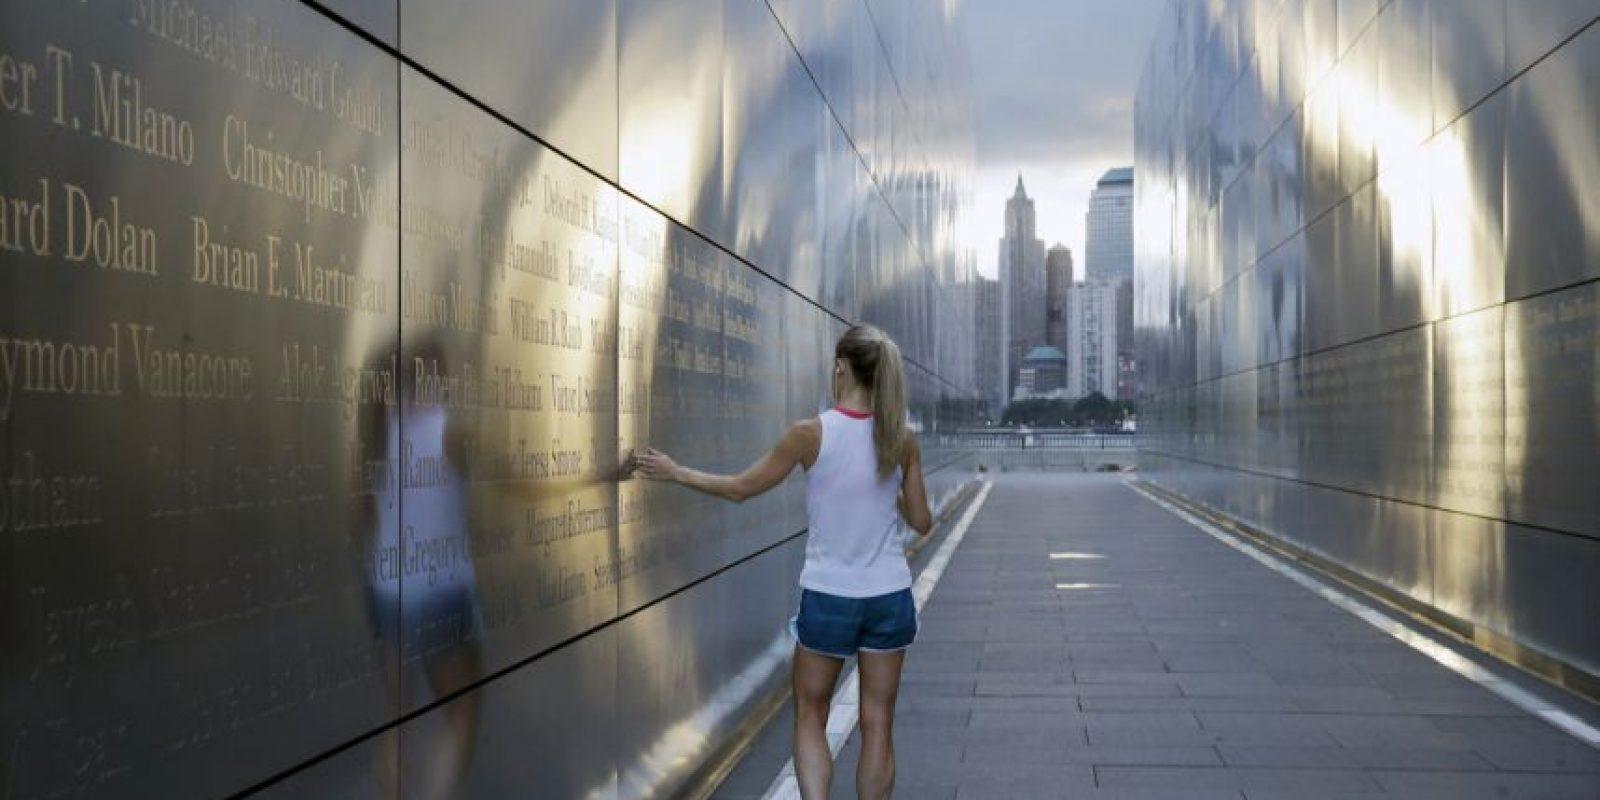 Los ciudadanos visitan la zona cero para recordar a los fallecidos en el atentado. Foto:AP